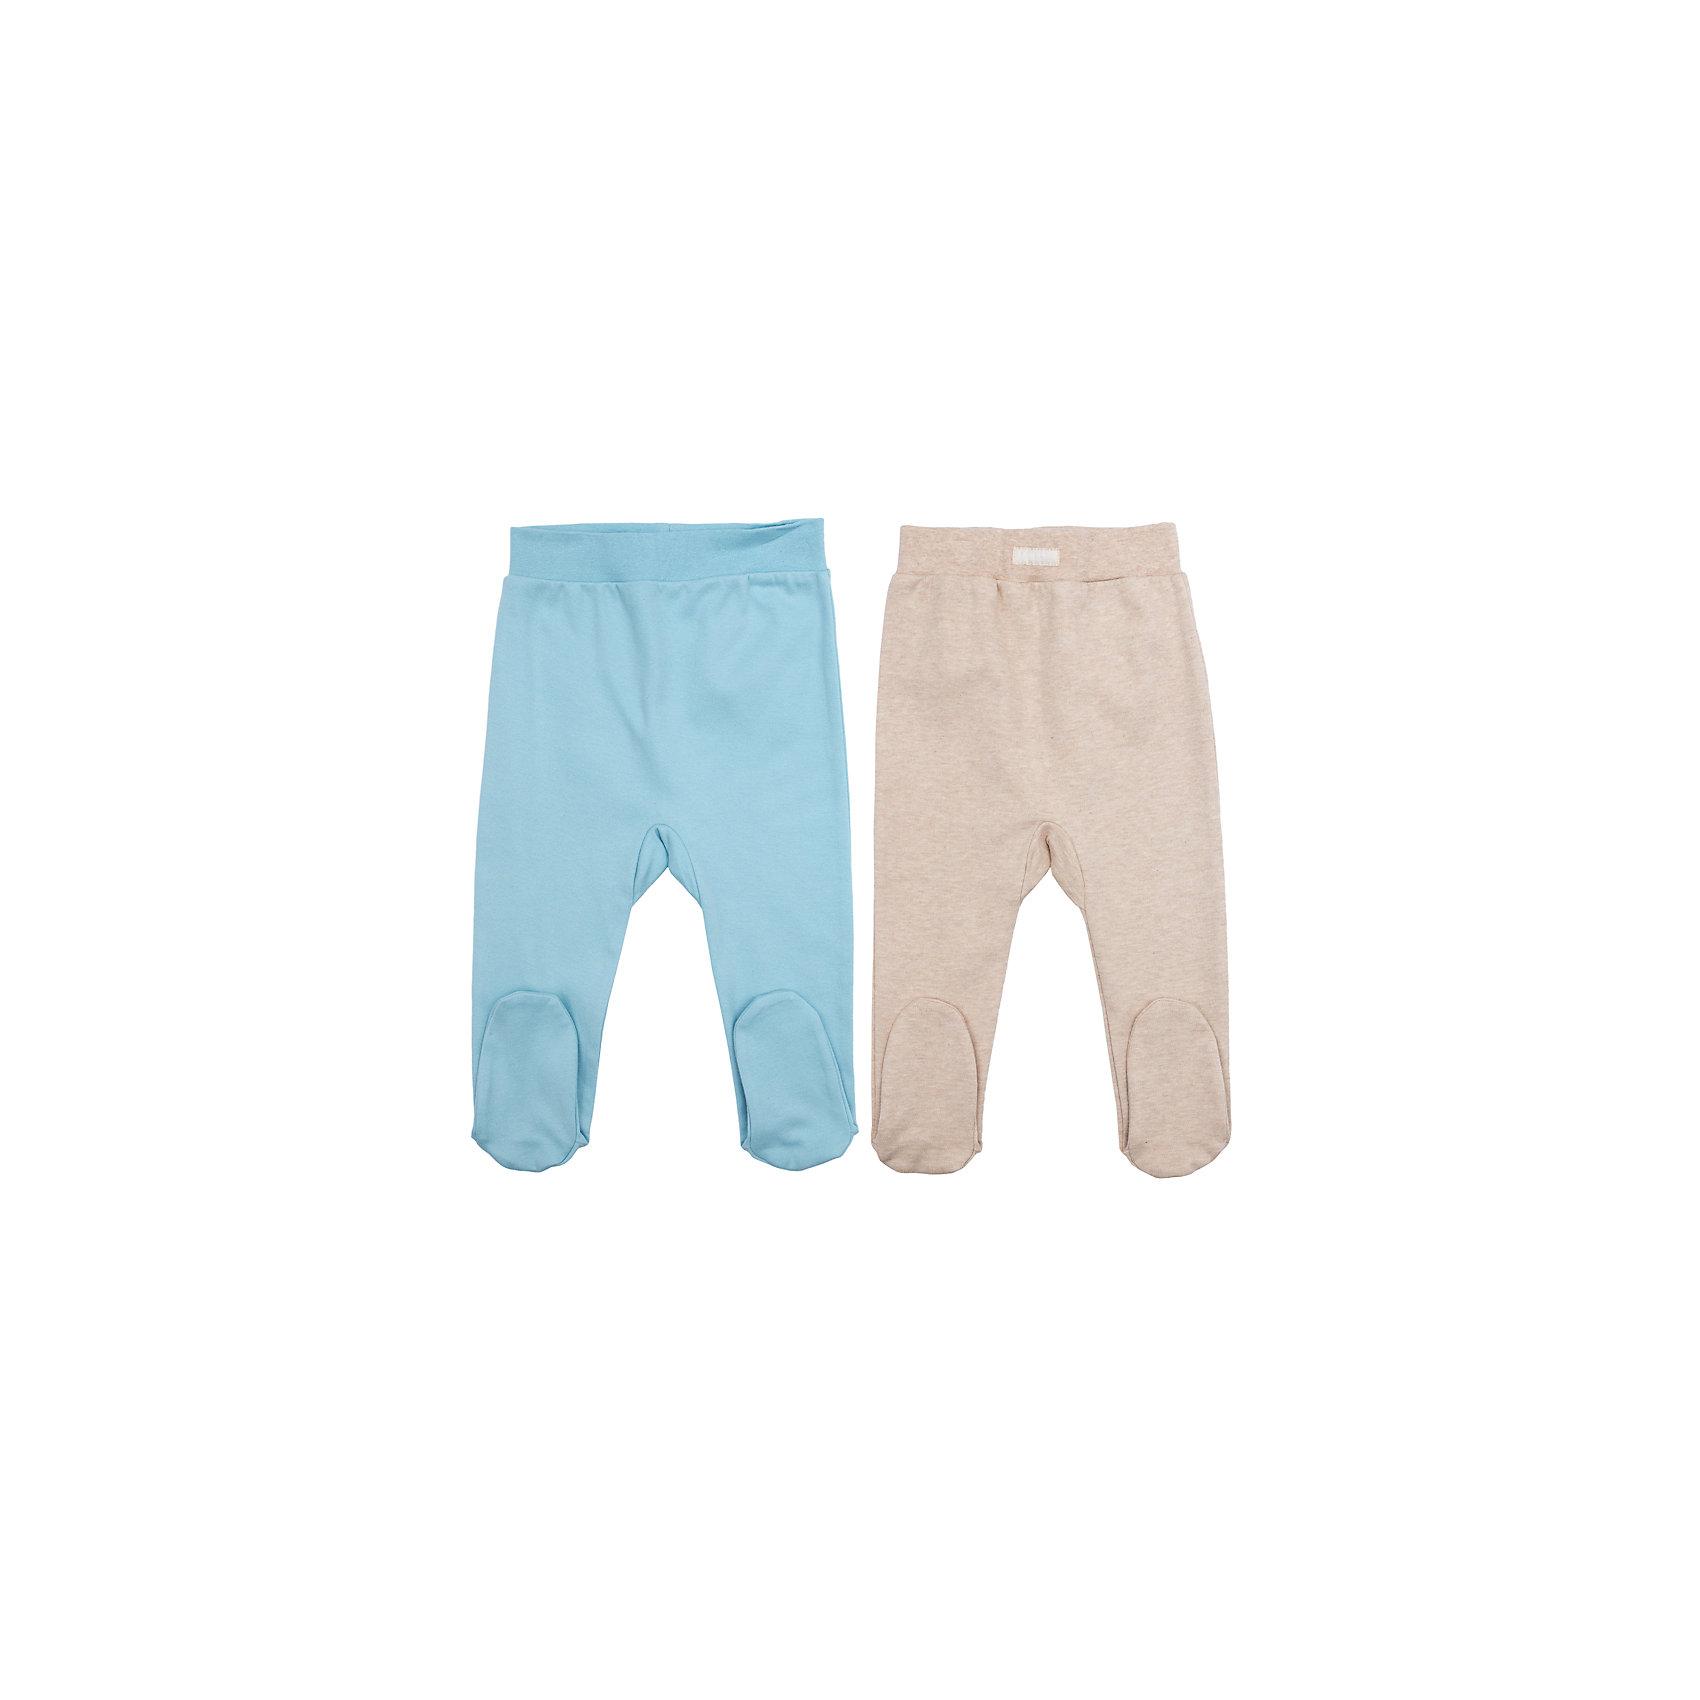 Ползунки, 2 шт для мальчика PlayTodayПолзунки и штанишки<br>Характеристики товара:<br><br>• цвет: разноцветный<br>• состав: 100% хлопок<br>• комплектация: 2 шт<br>• дышащий материал<br>• мягкая резинка на талии<br>• комфортная посадка<br>• коллекция: весна-лето 2017<br>• страна бренда: Германия<br>• страна производства: Китай<br><br>Популярный бренд PlayToday выпустил новую коллекцию! Вещи из неё продолжают радовать покупателей удобством, стильным дизайном и продуманным кроем. Дети носят их с удовольствием. PlayToday - это линейка товаров, созданная специально для детей. Дизайнеры учитывают новые веяния моды и потребности детей. Порадуйте ребенка обновкой от проверенного производителя!<br>Такая стильная модель обеспечит ребенку комфорт благодаря качественному материалу и продуманному крою. С помощью неё можно удобно одеться по погоде или обеспечить уютный наряд дома. Очень модная вещь! Симпатично выглядит и долго служит.<br><br>Ползунки, 2 шт, для мальчика от известного бренда PlayToday можно купить в нашем интернет-магазине.<br><br>Ширина мм: 157<br>Глубина мм: 13<br>Высота мм: 119<br>Вес г: 200<br>Цвет: белый<br>Возраст от месяцев: 0<br>Возраст до месяцев: 3<br>Пол: Мужской<br>Возраст: Детский<br>Размер: 56,74,62,68<br>SKU: 5408024